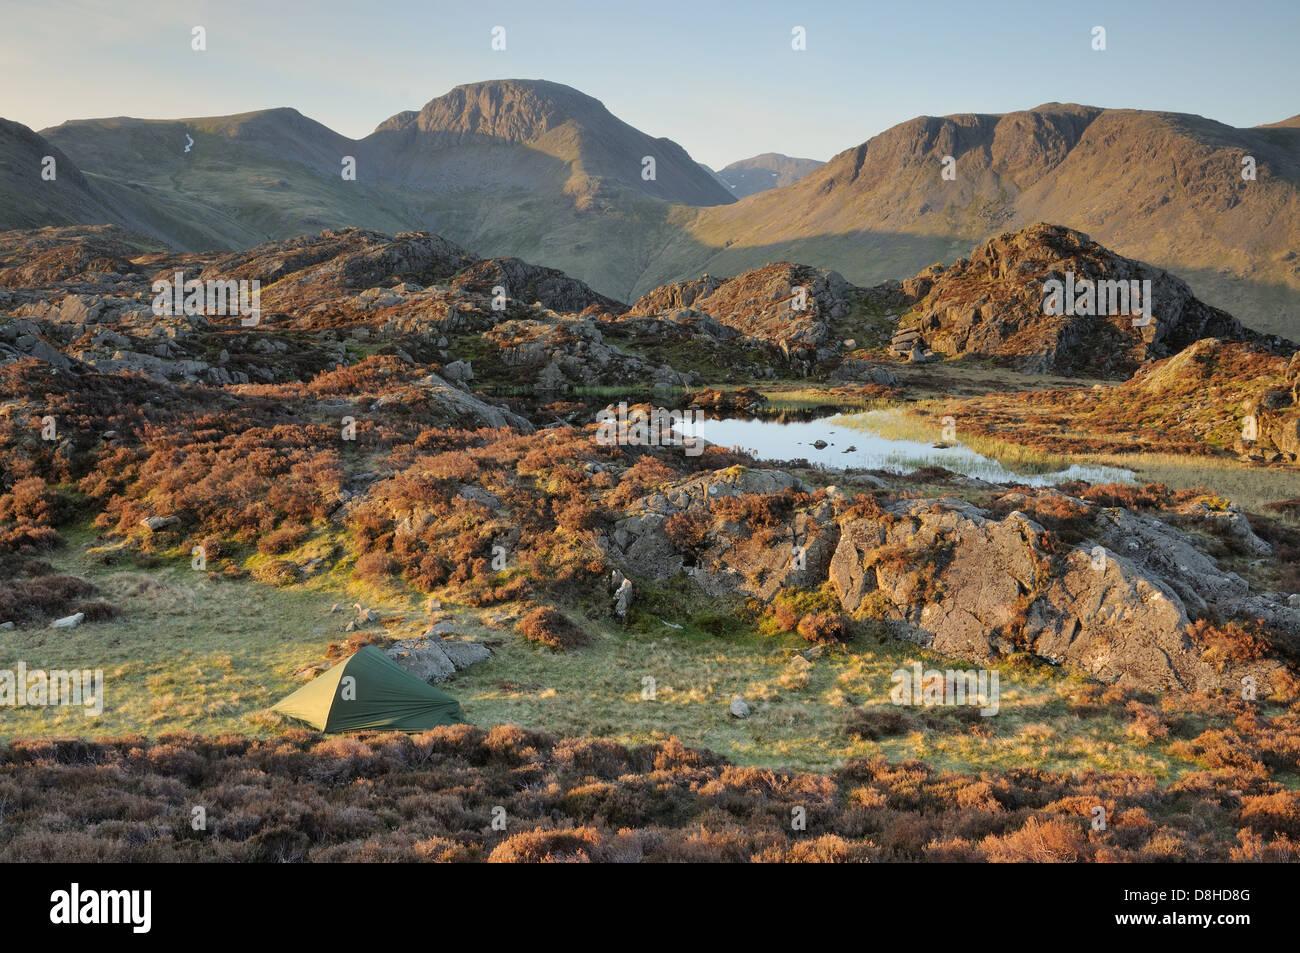 Wild campen neben Innominate Tarn auf dem Gipfel des Heuhaufen im englischen Lake District Stockbild